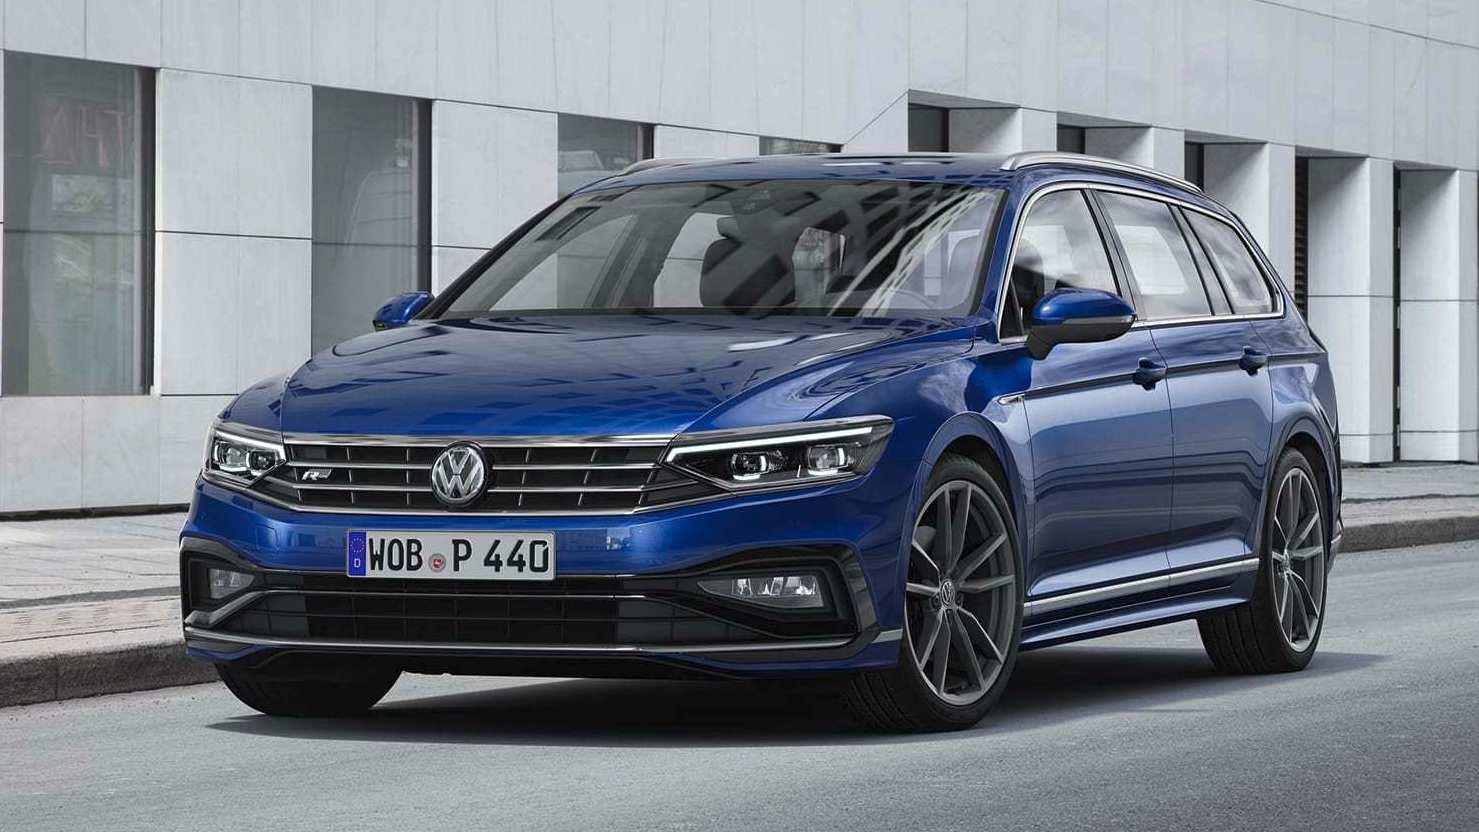 36 Great 2020 Volkswagen Passat Wagon Interior by 2020 Volkswagen Passat Wagon